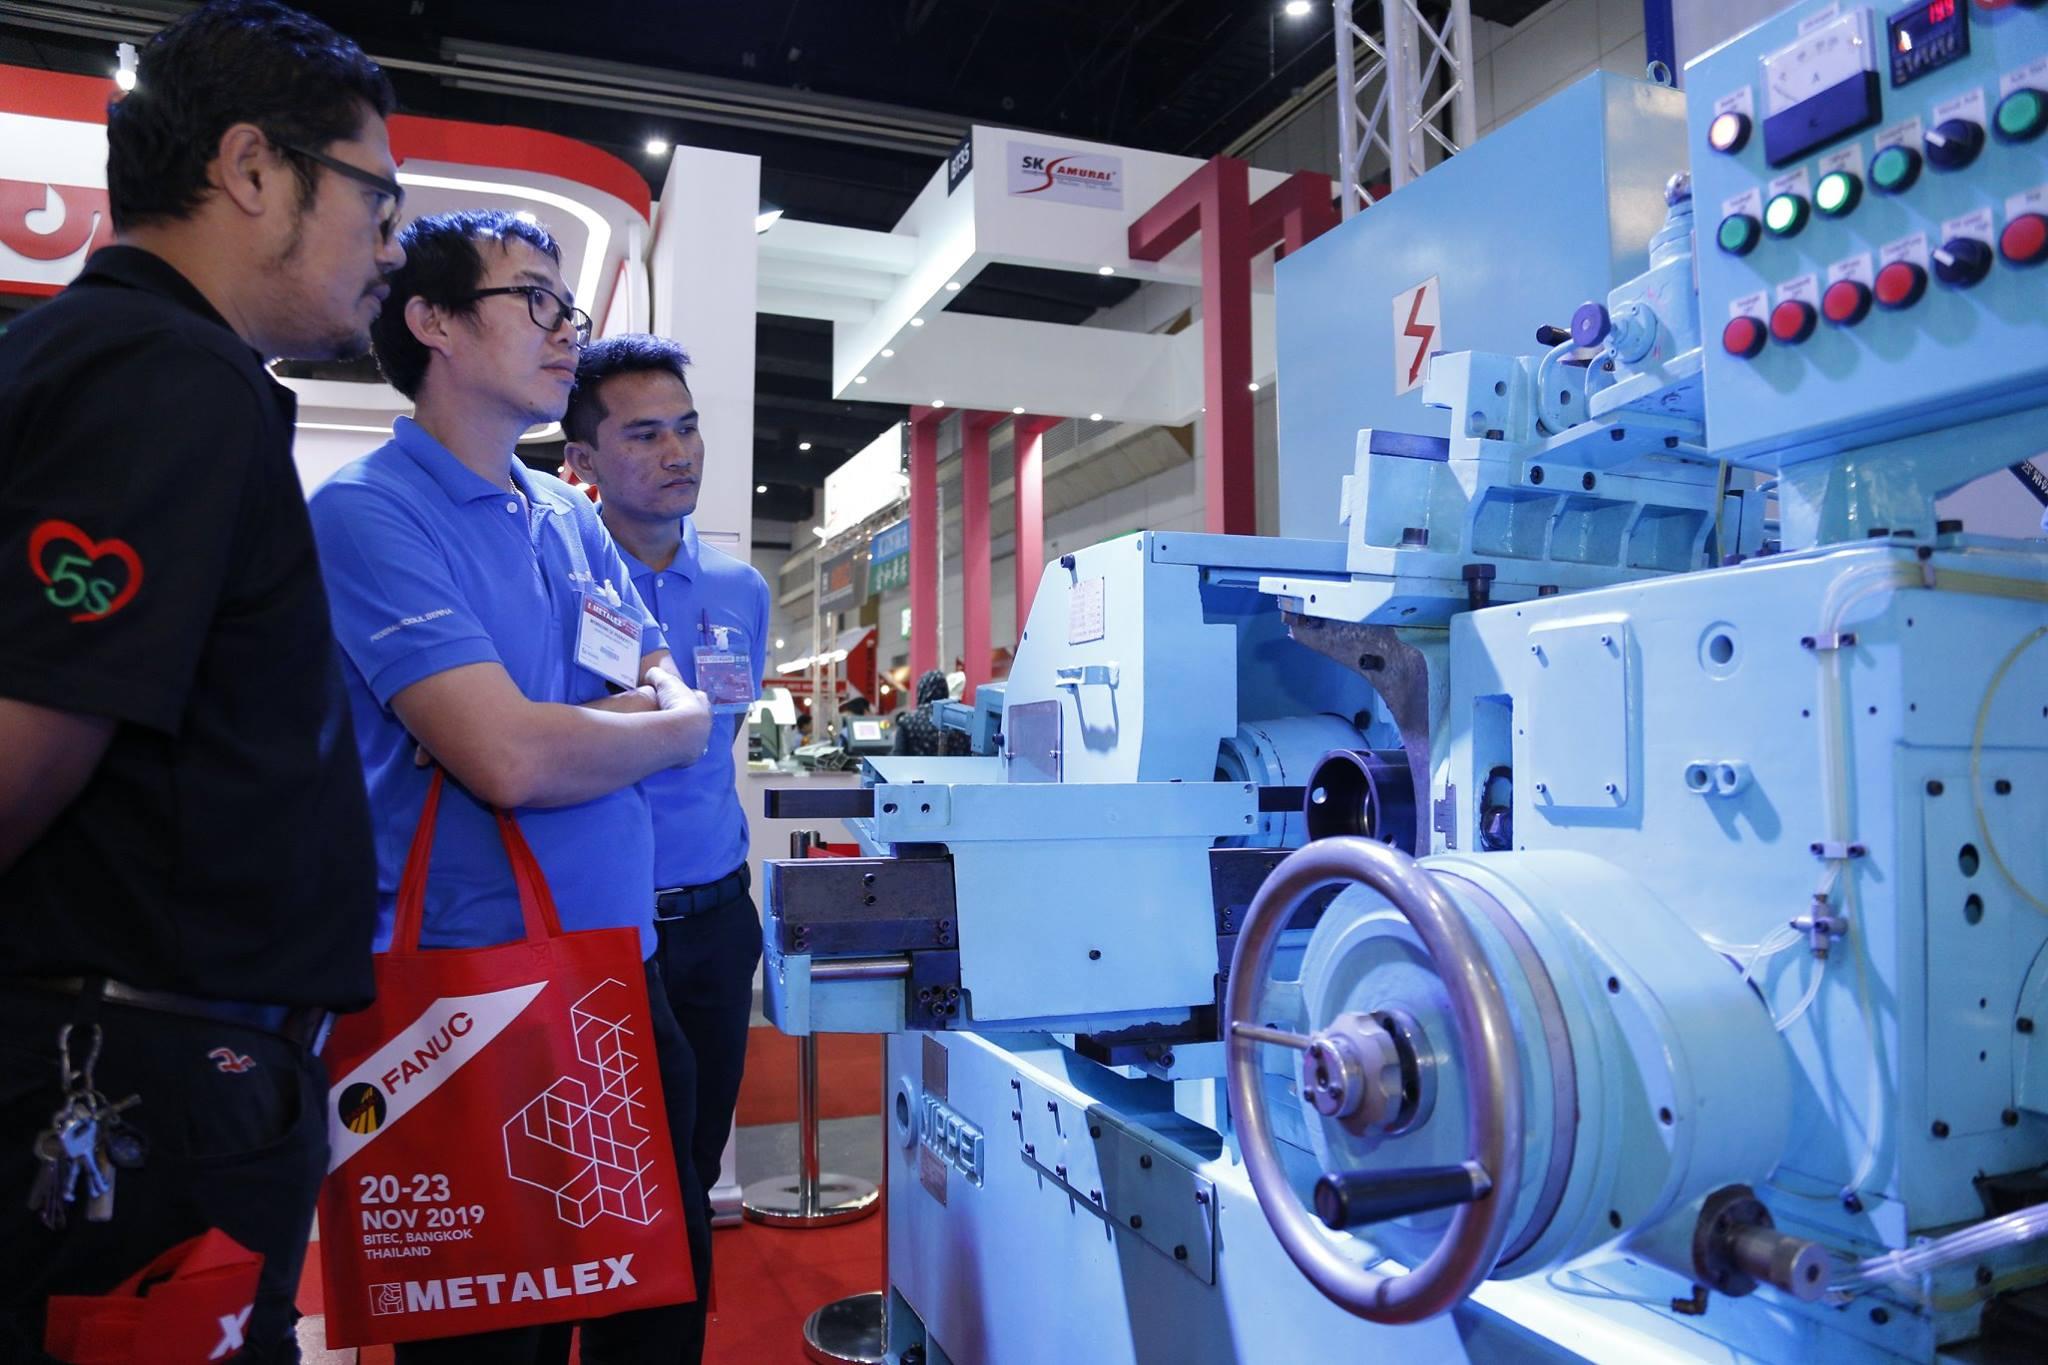 geddesign รับออกแบบบูธแสดงสินค้างาน METALEX 2020